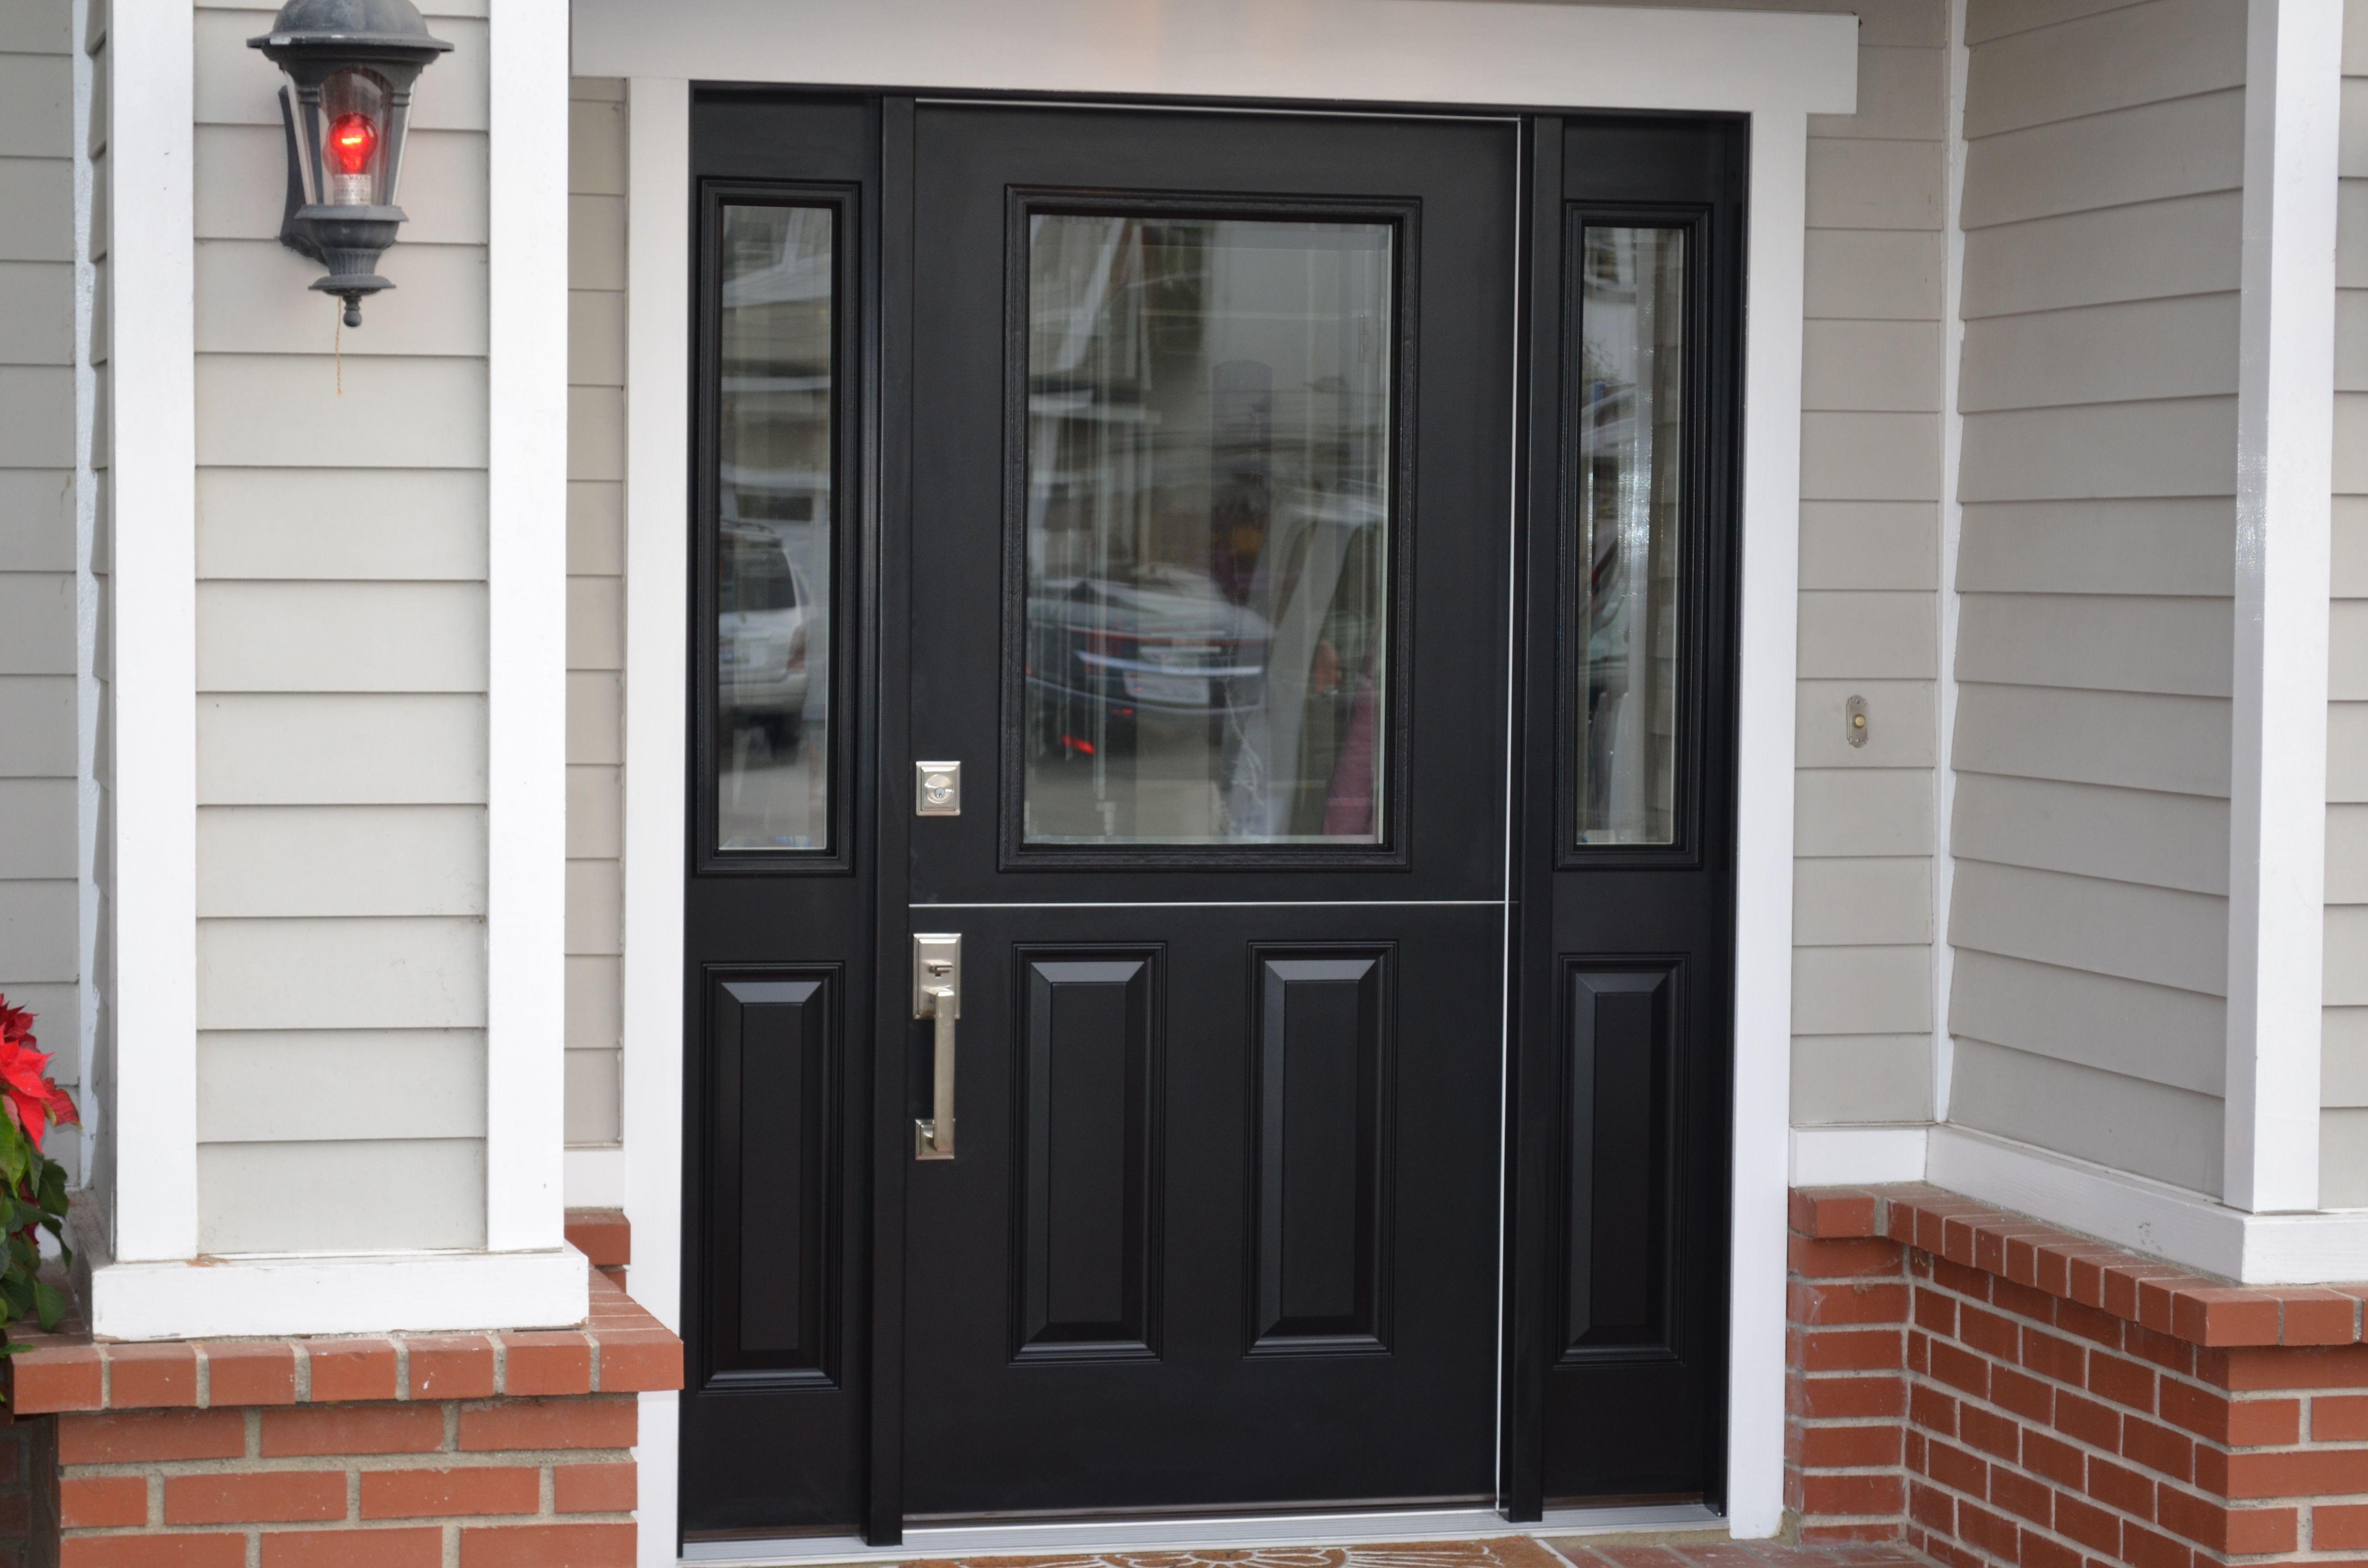 Front door with sidelites m6410 103010 ct 4irh the home depot - Dutch Door With Side Lights